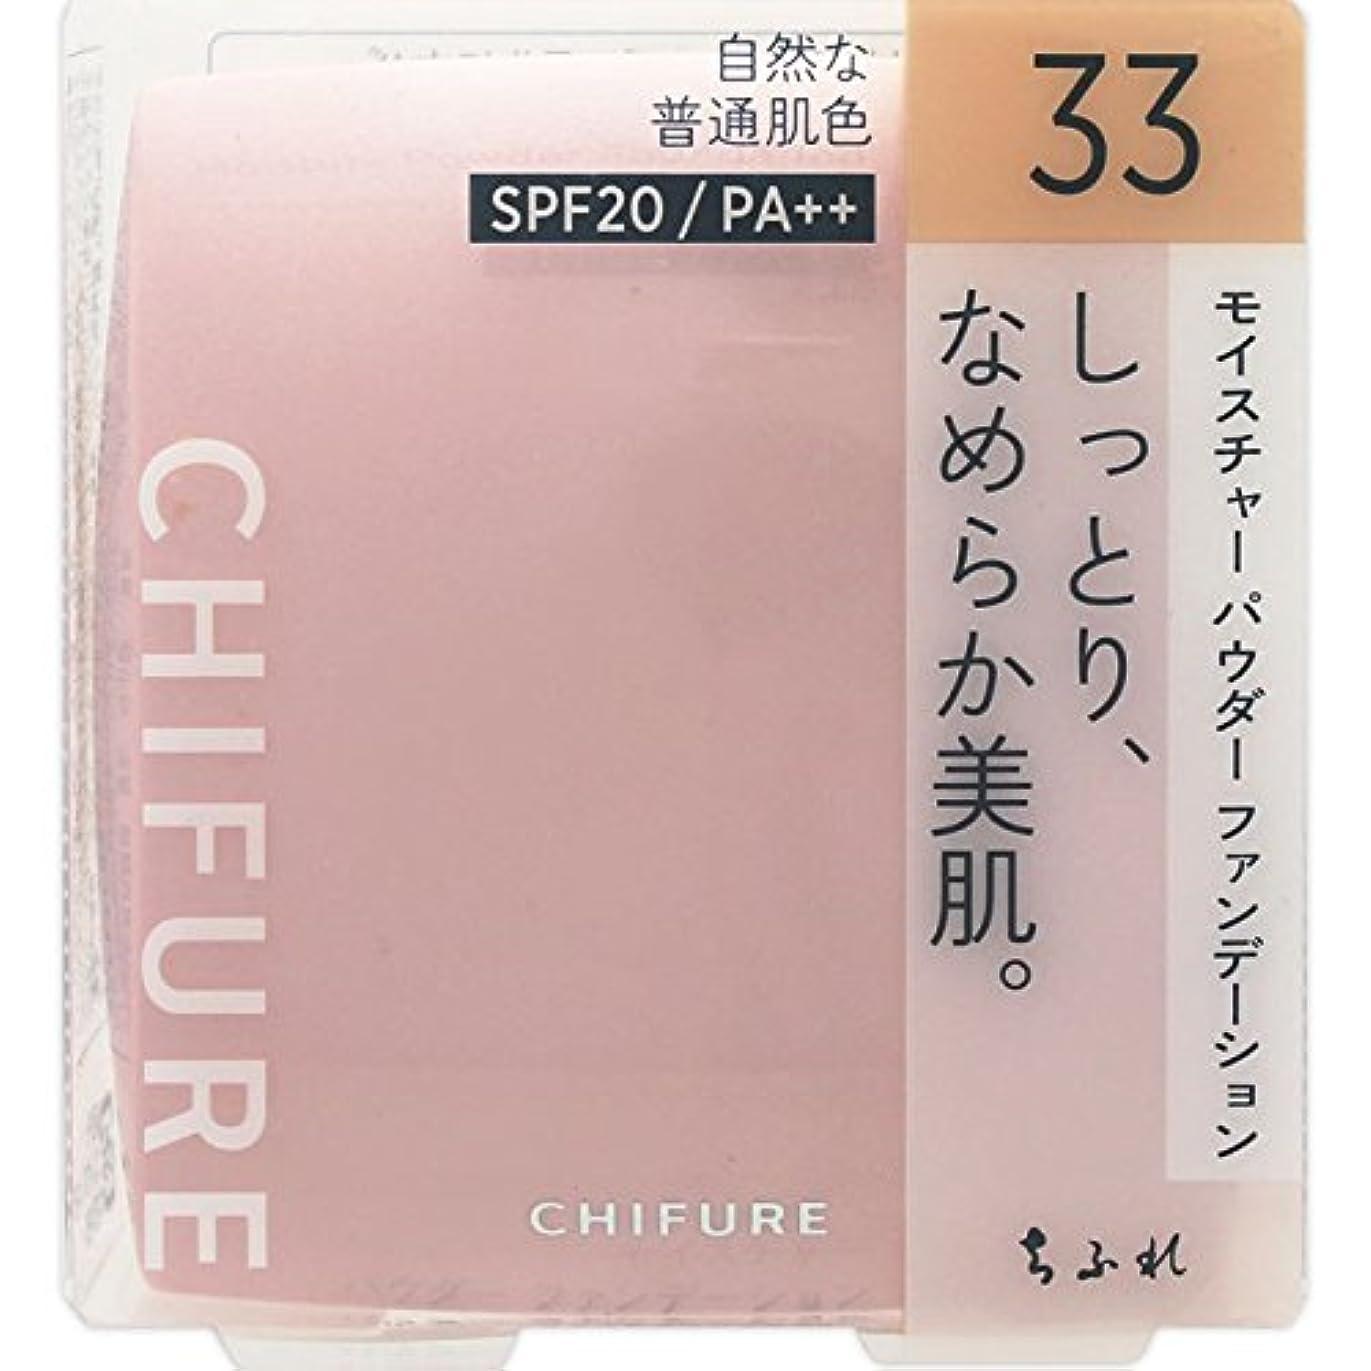 フレームワークバター桃ちふれ化粧品 モイスチャー パウダーファンデーション(スポンジ入り) 33 オークル系 MパウダーFD33